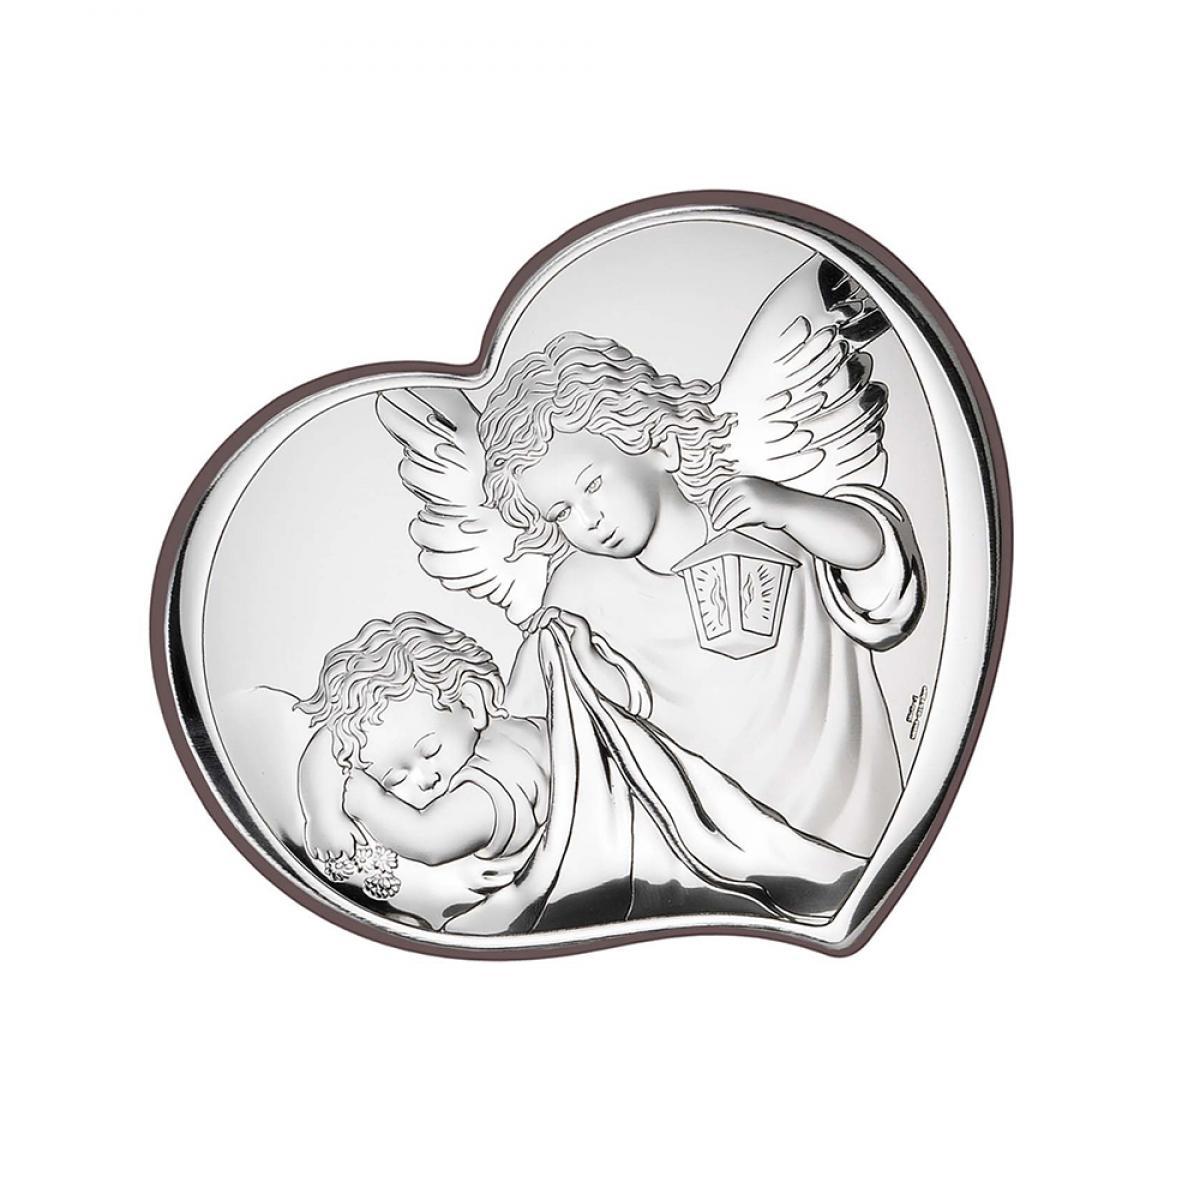 Ікона срібна Ангел-охоронець 6х7см 81258 1L